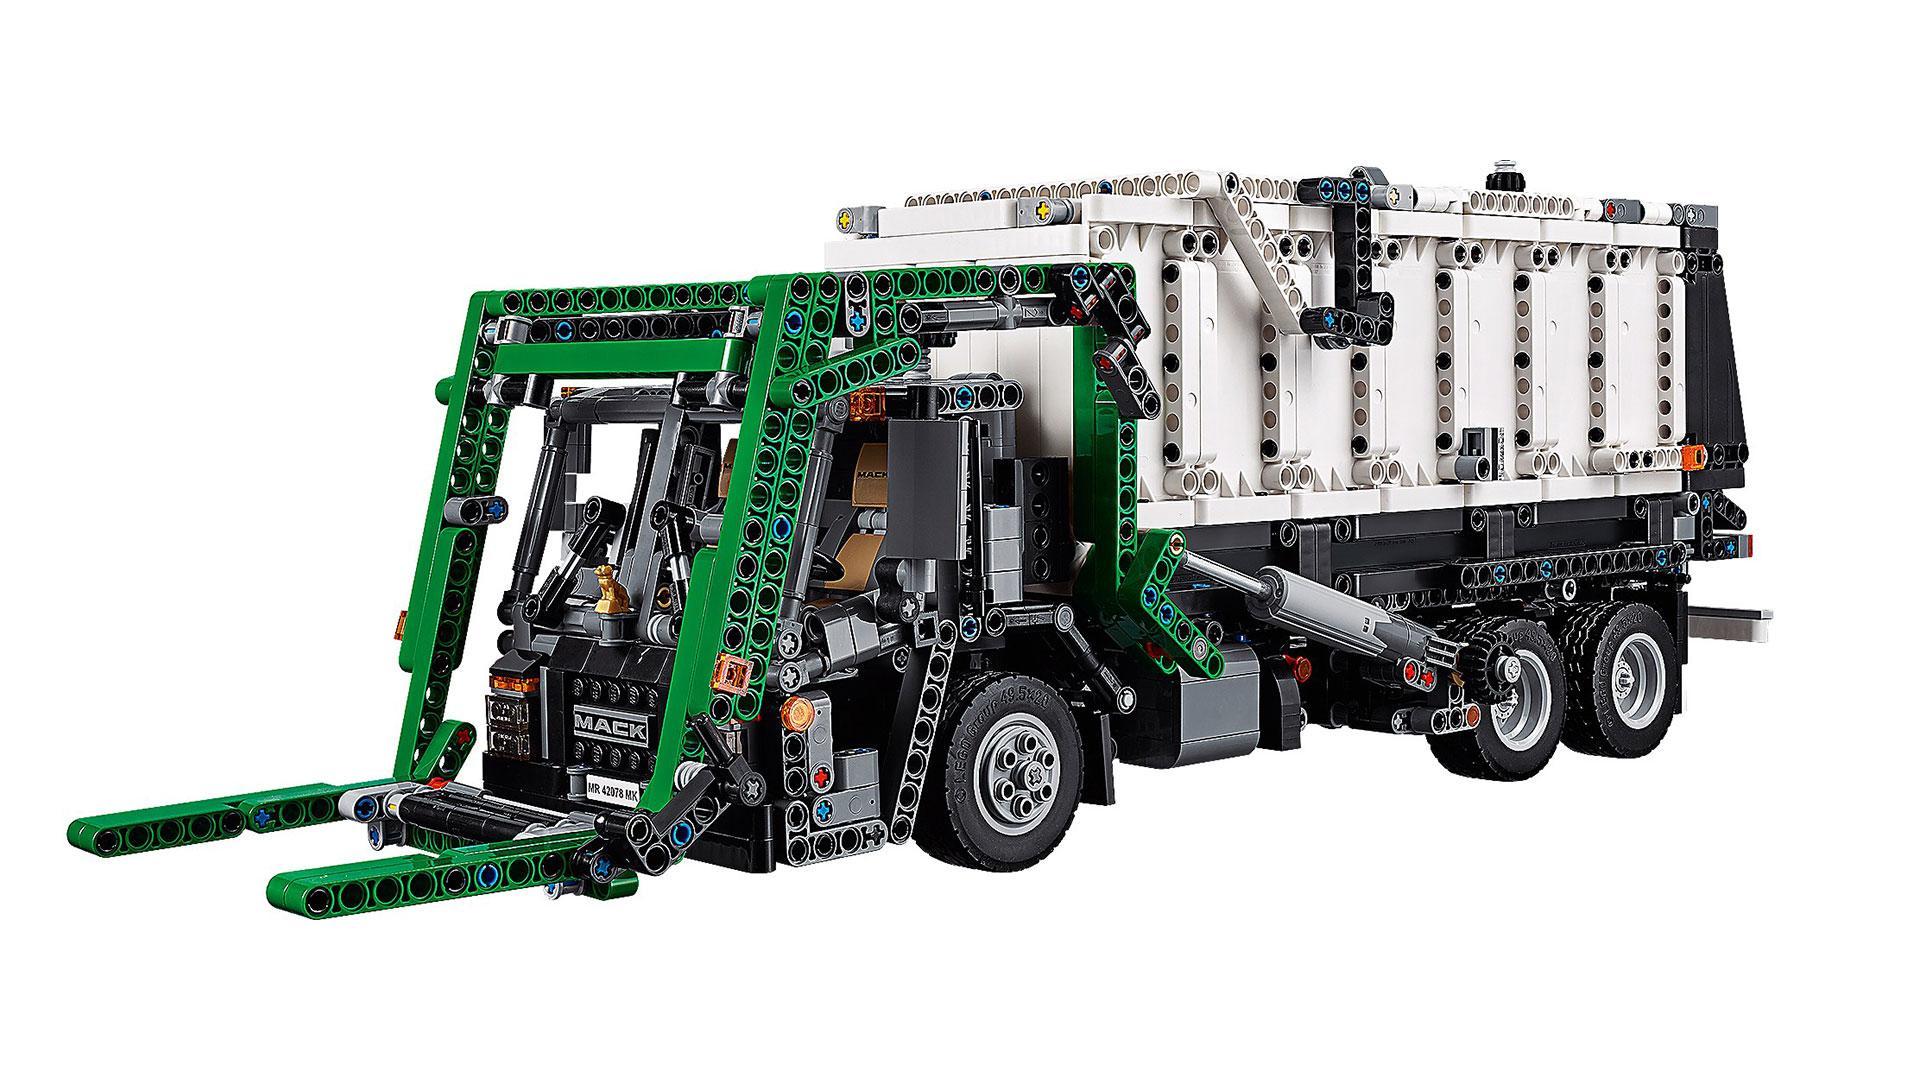 Beste Mack-vrachtwagen van Lego is twee vrachtwagens tegelijk - TopGear QB-13